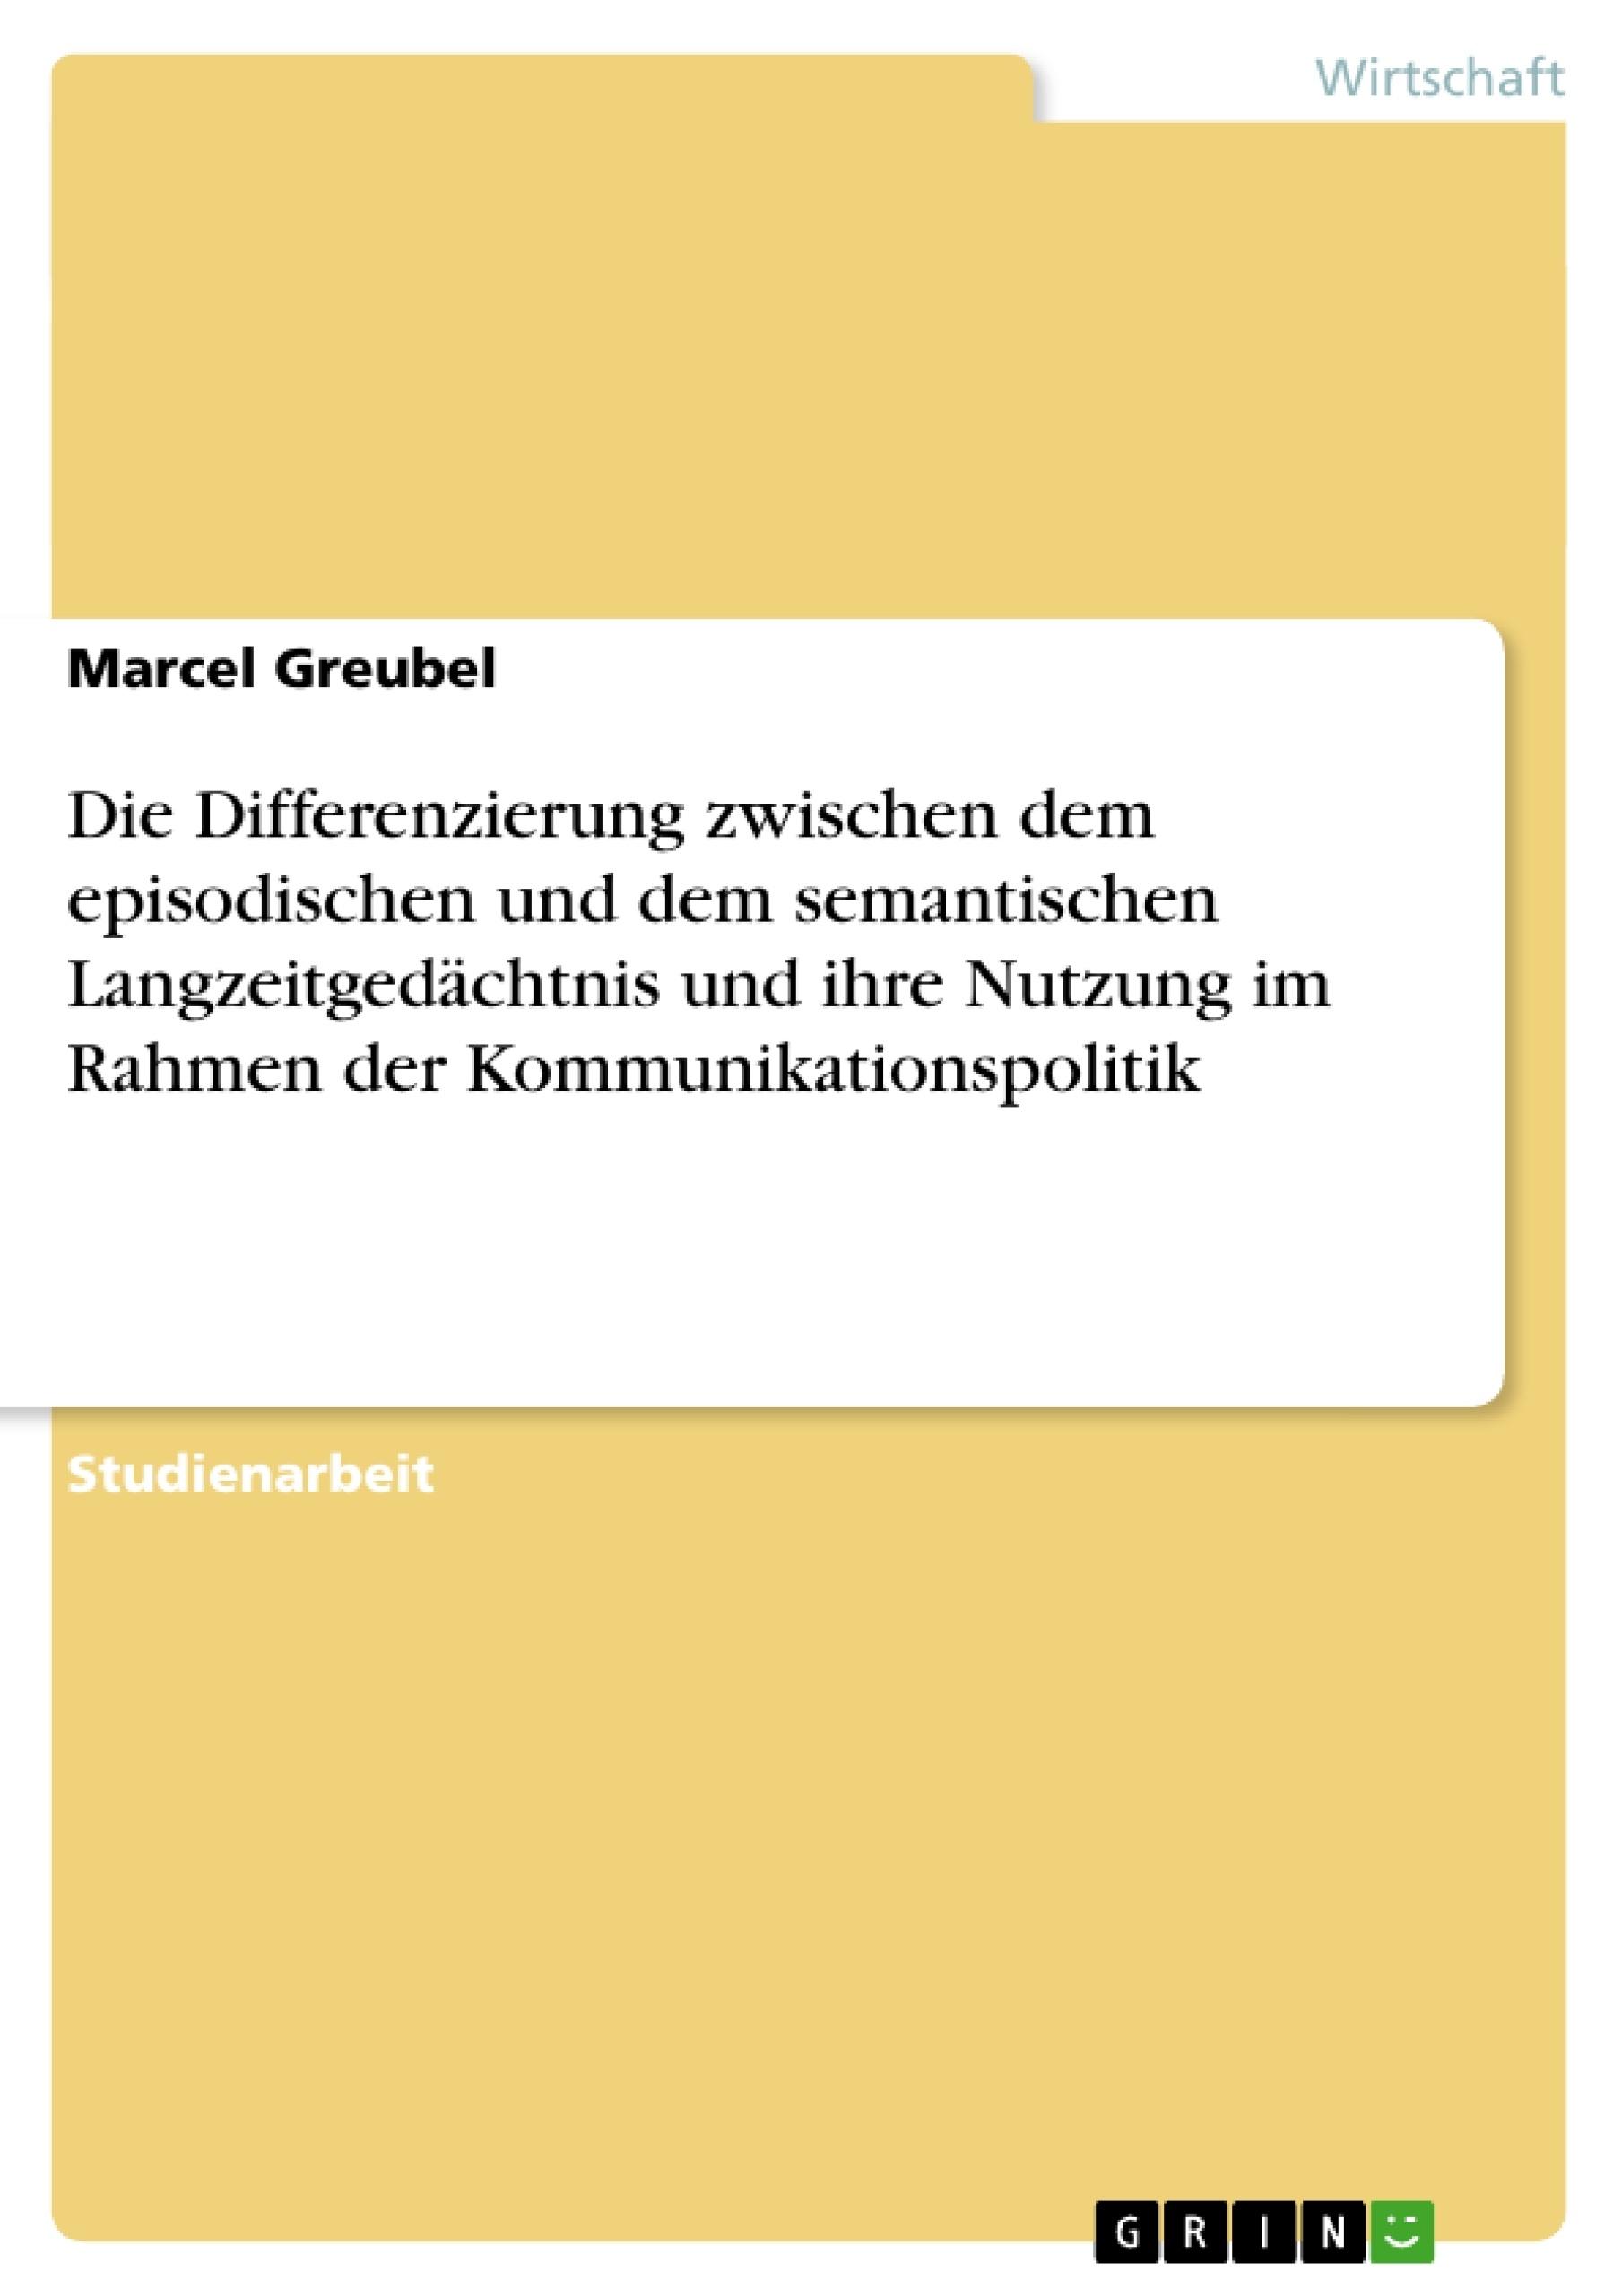 Titel: Die Differenzierung zwischen dem episodischen und dem semantischen Langzeitgedächtnis und ihre Nutzung im Rahmen der Kommunikationspolitik